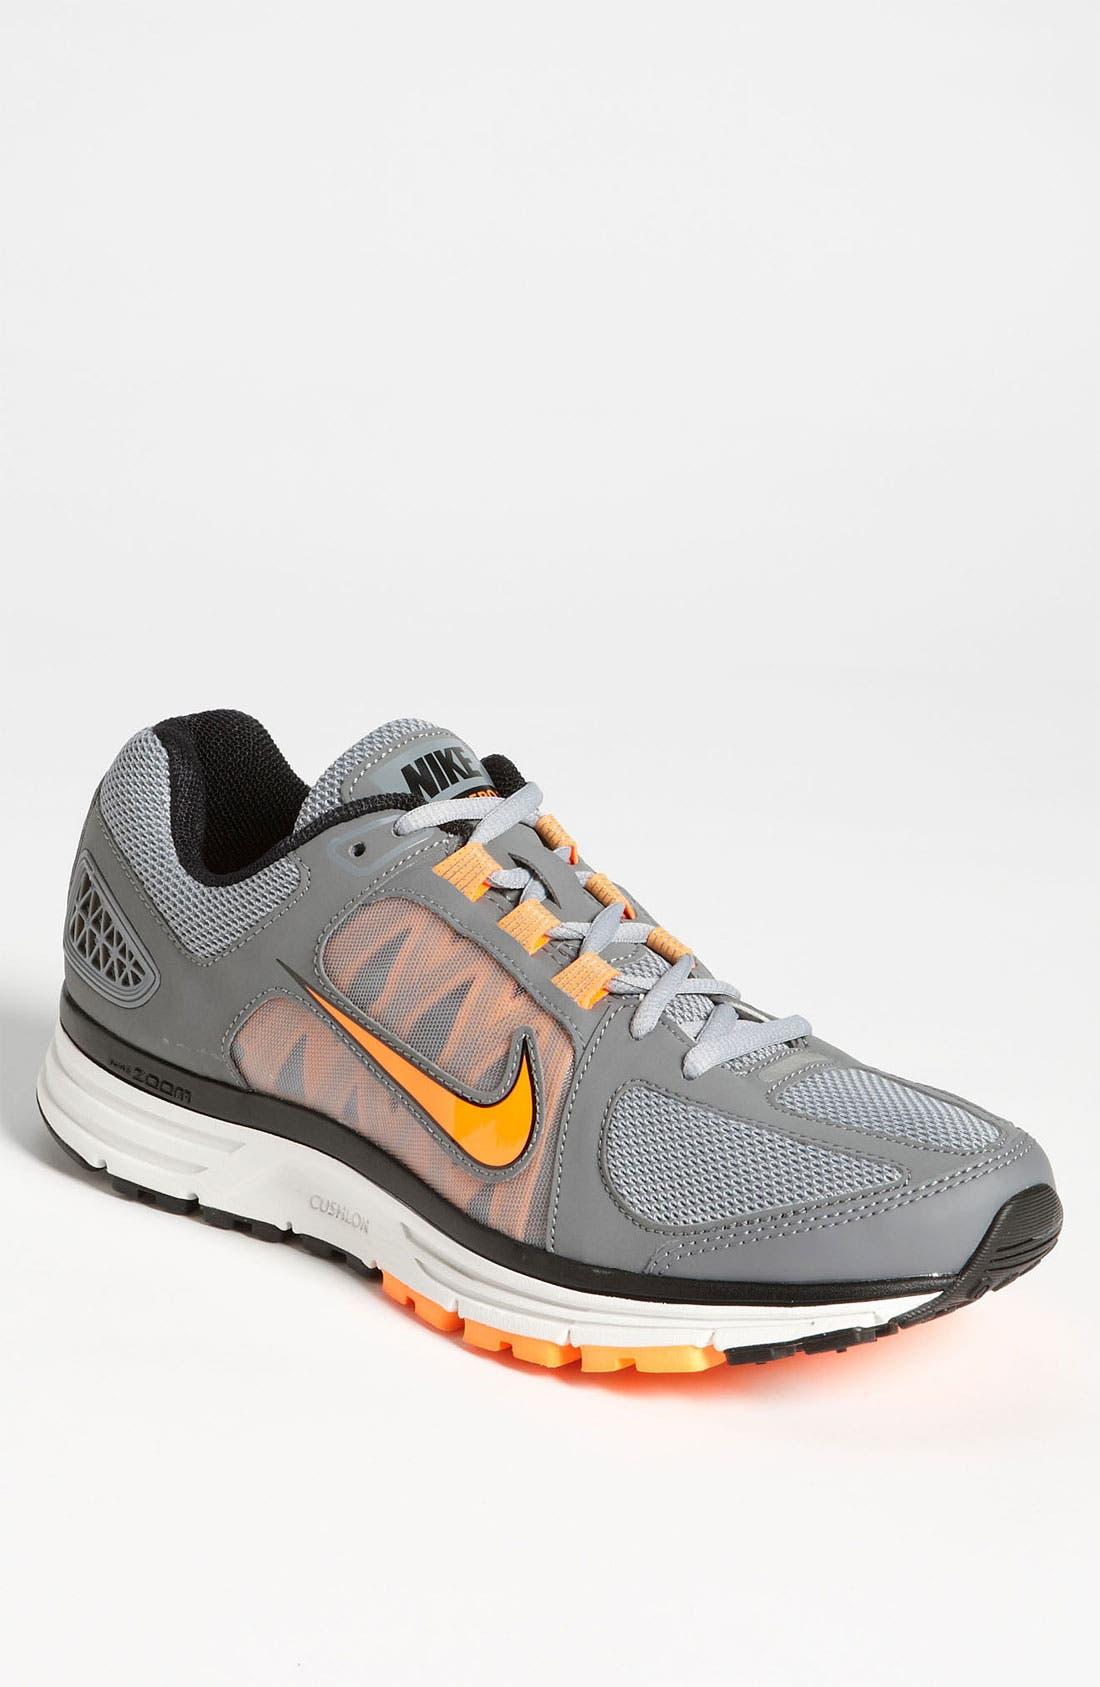 Main Image - Nike 'Zoom Vomero+ 7' Running Shoe (Men)